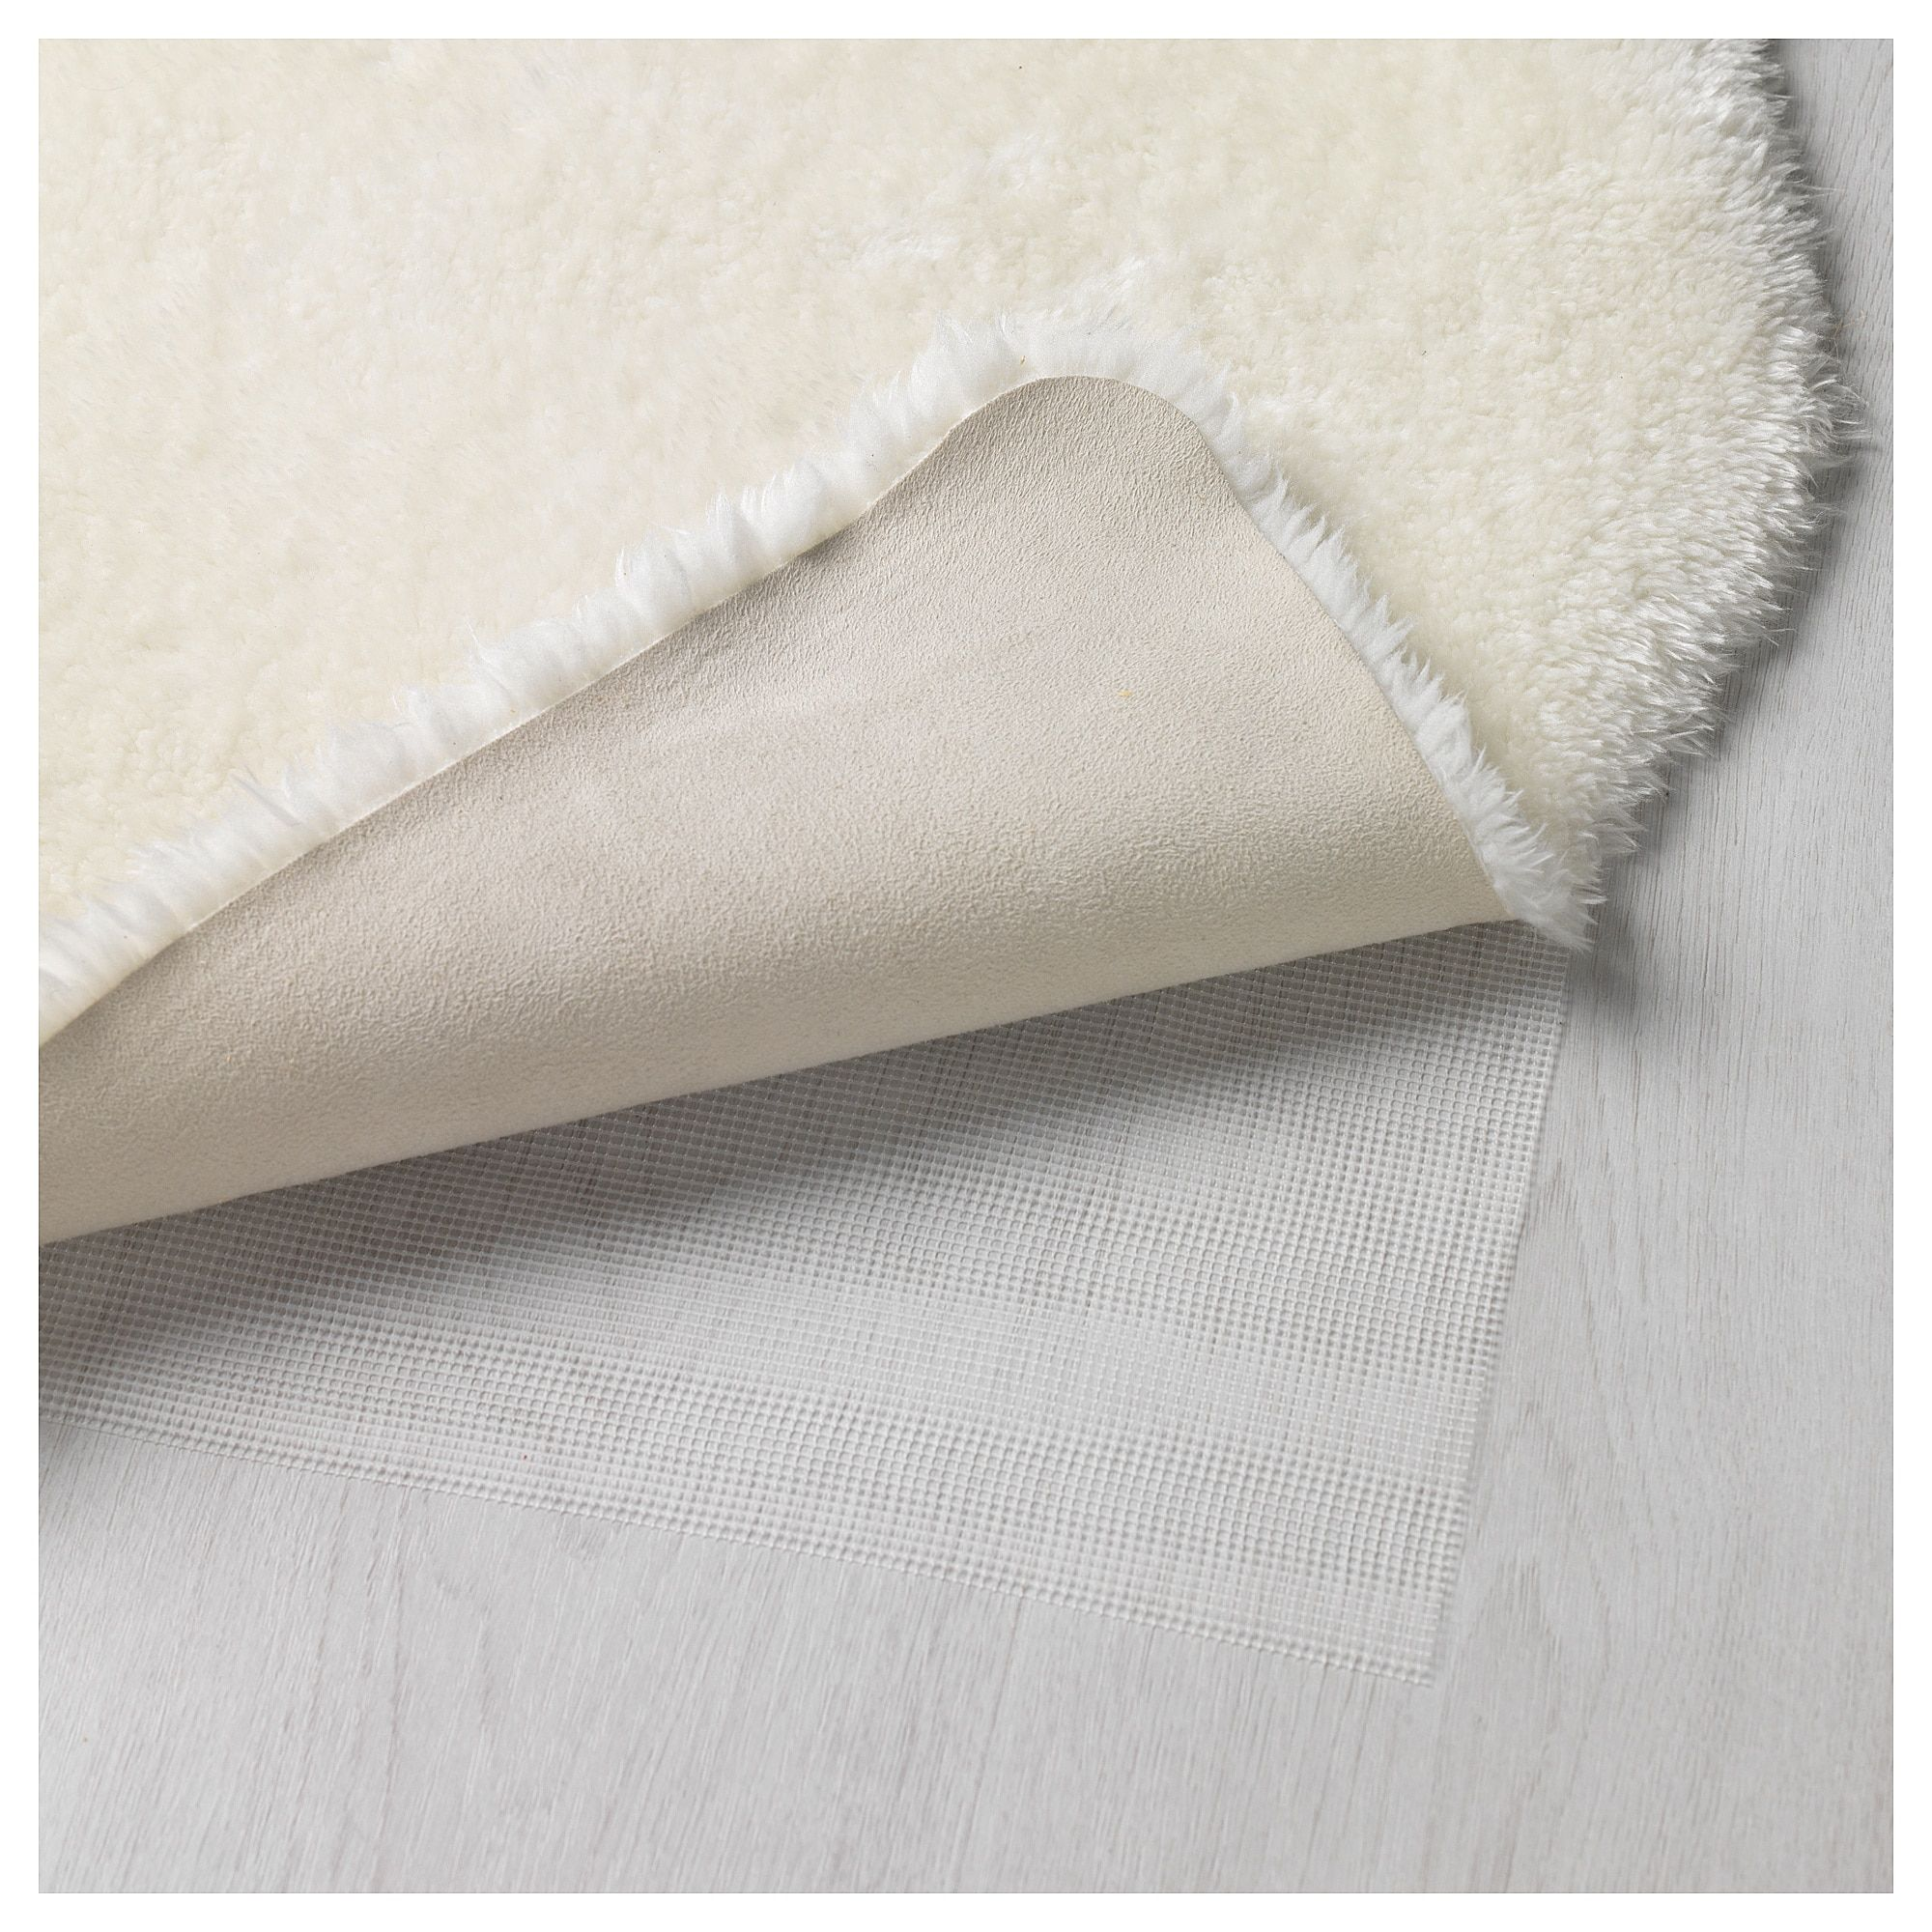 Ikea Toftlund Rug White Tapis Blanc Tapis Ikea Et Tapis